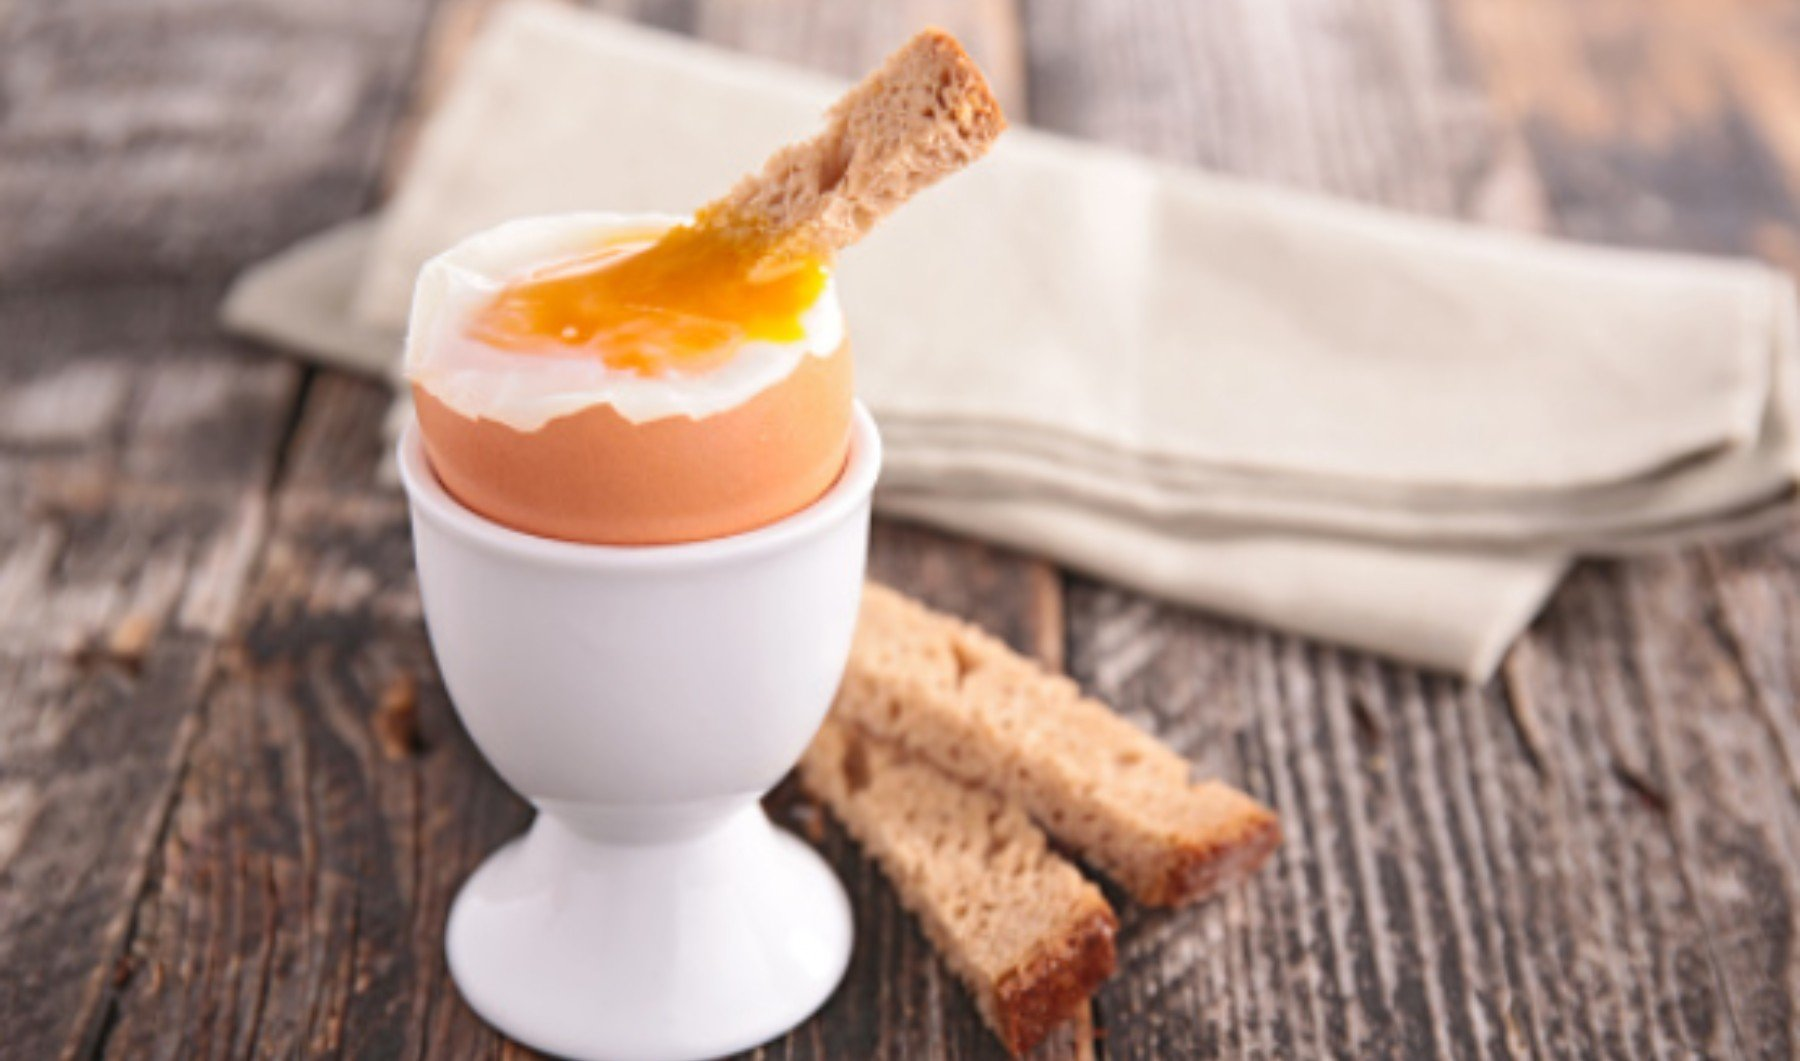 Cómo hacer huevos pasados por agua: temperatura y tiempo